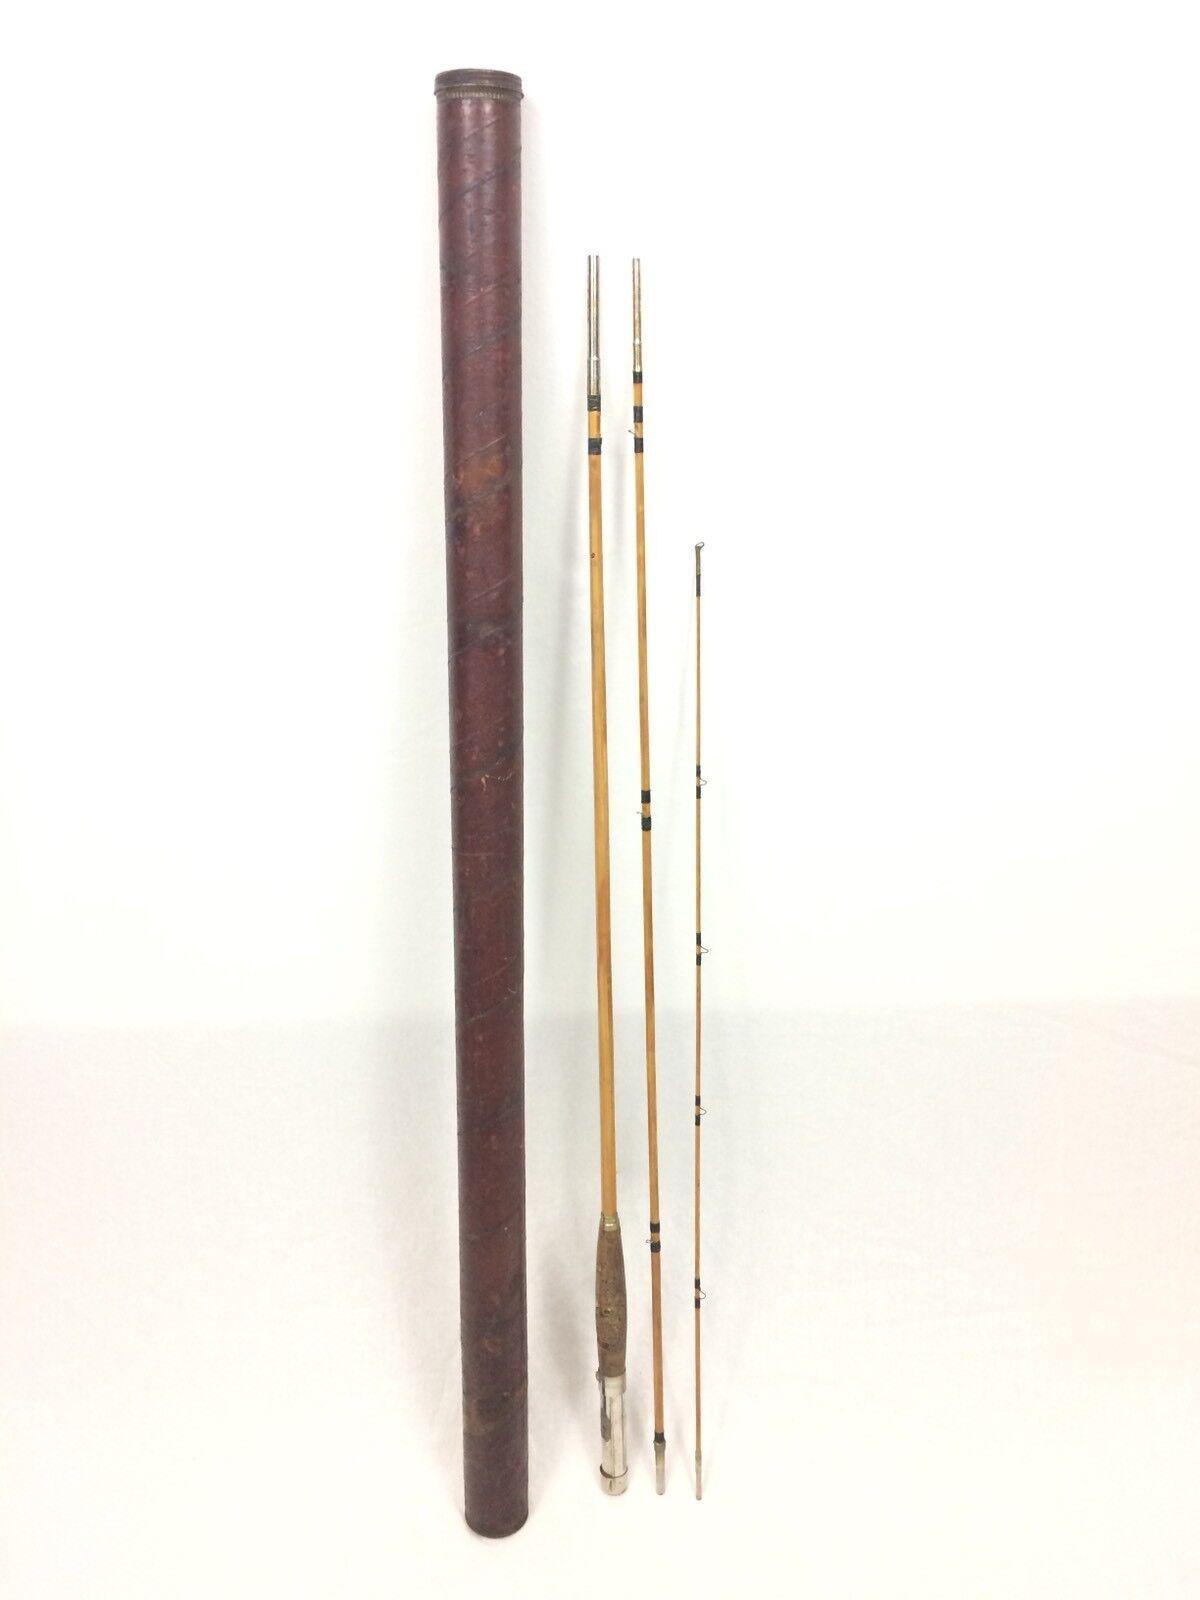 Vintage Split Cane Fly Rod Fishing Pole Varnished Cardboard Tube Antique Cabin